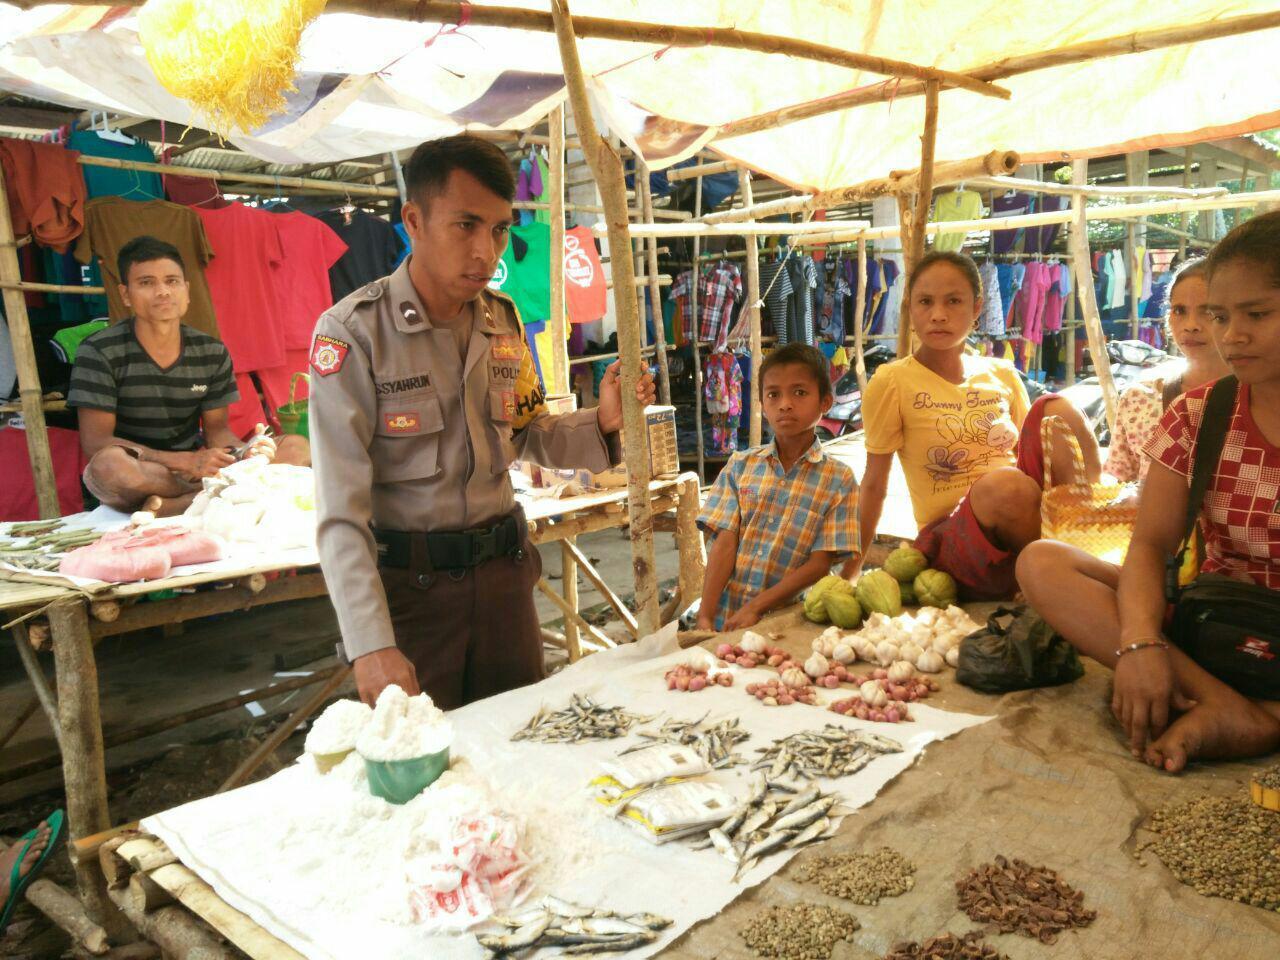 Bhabinkamtibmas himbau penjual dan pemuda pasar hindari minuman keras